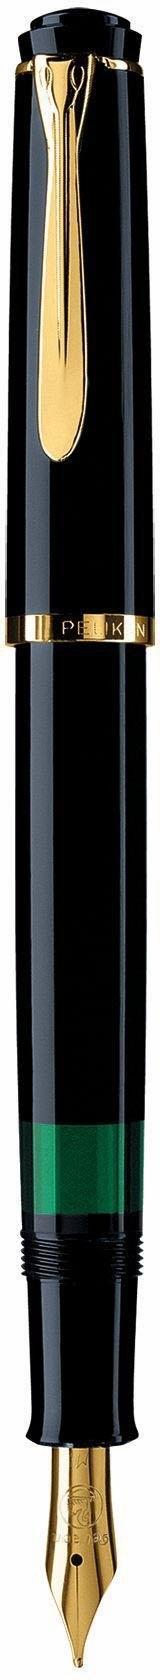 Pelikan vulpen, »Classic M 200, zwart, vergulde edelstalen punt, schrijfpuntbreedte B« bestellen: 14 dagen bedenktijd